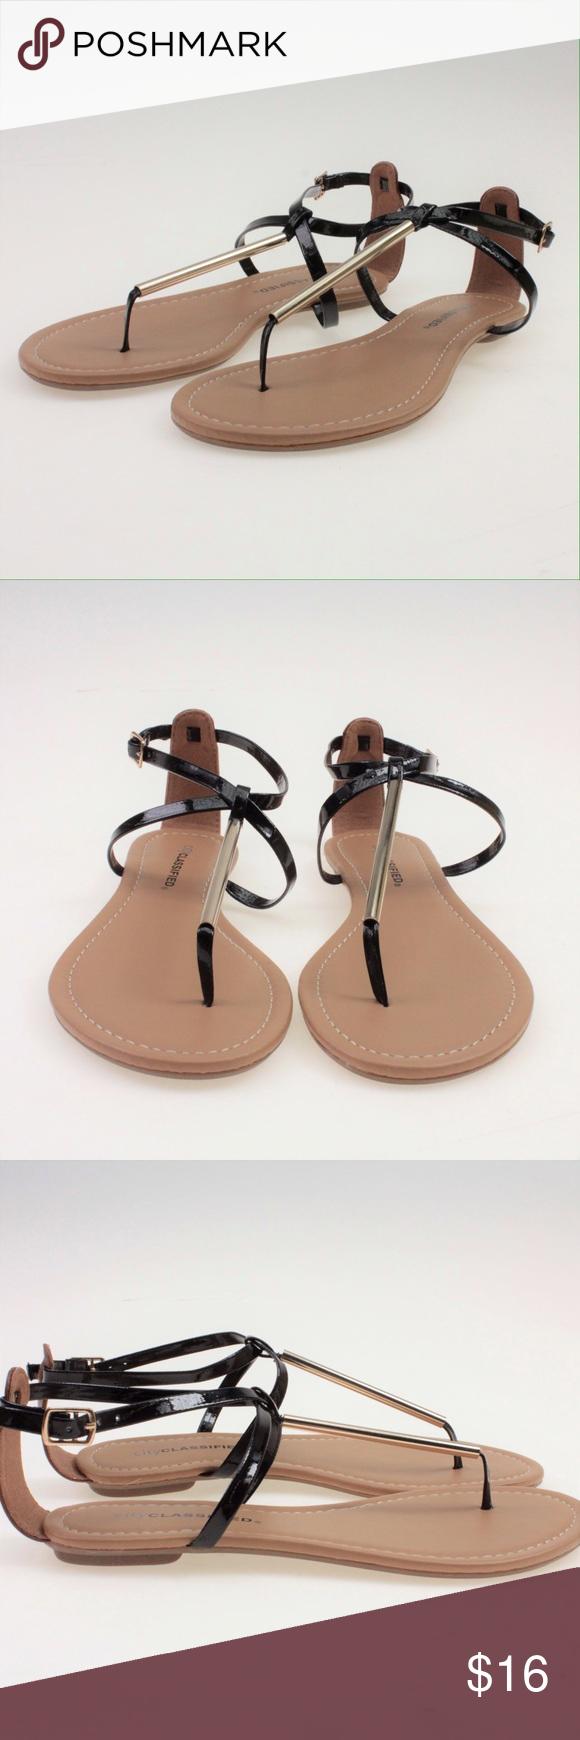 Black sandals gold bar - Black Gold Ankle Strap Sandals Boutique